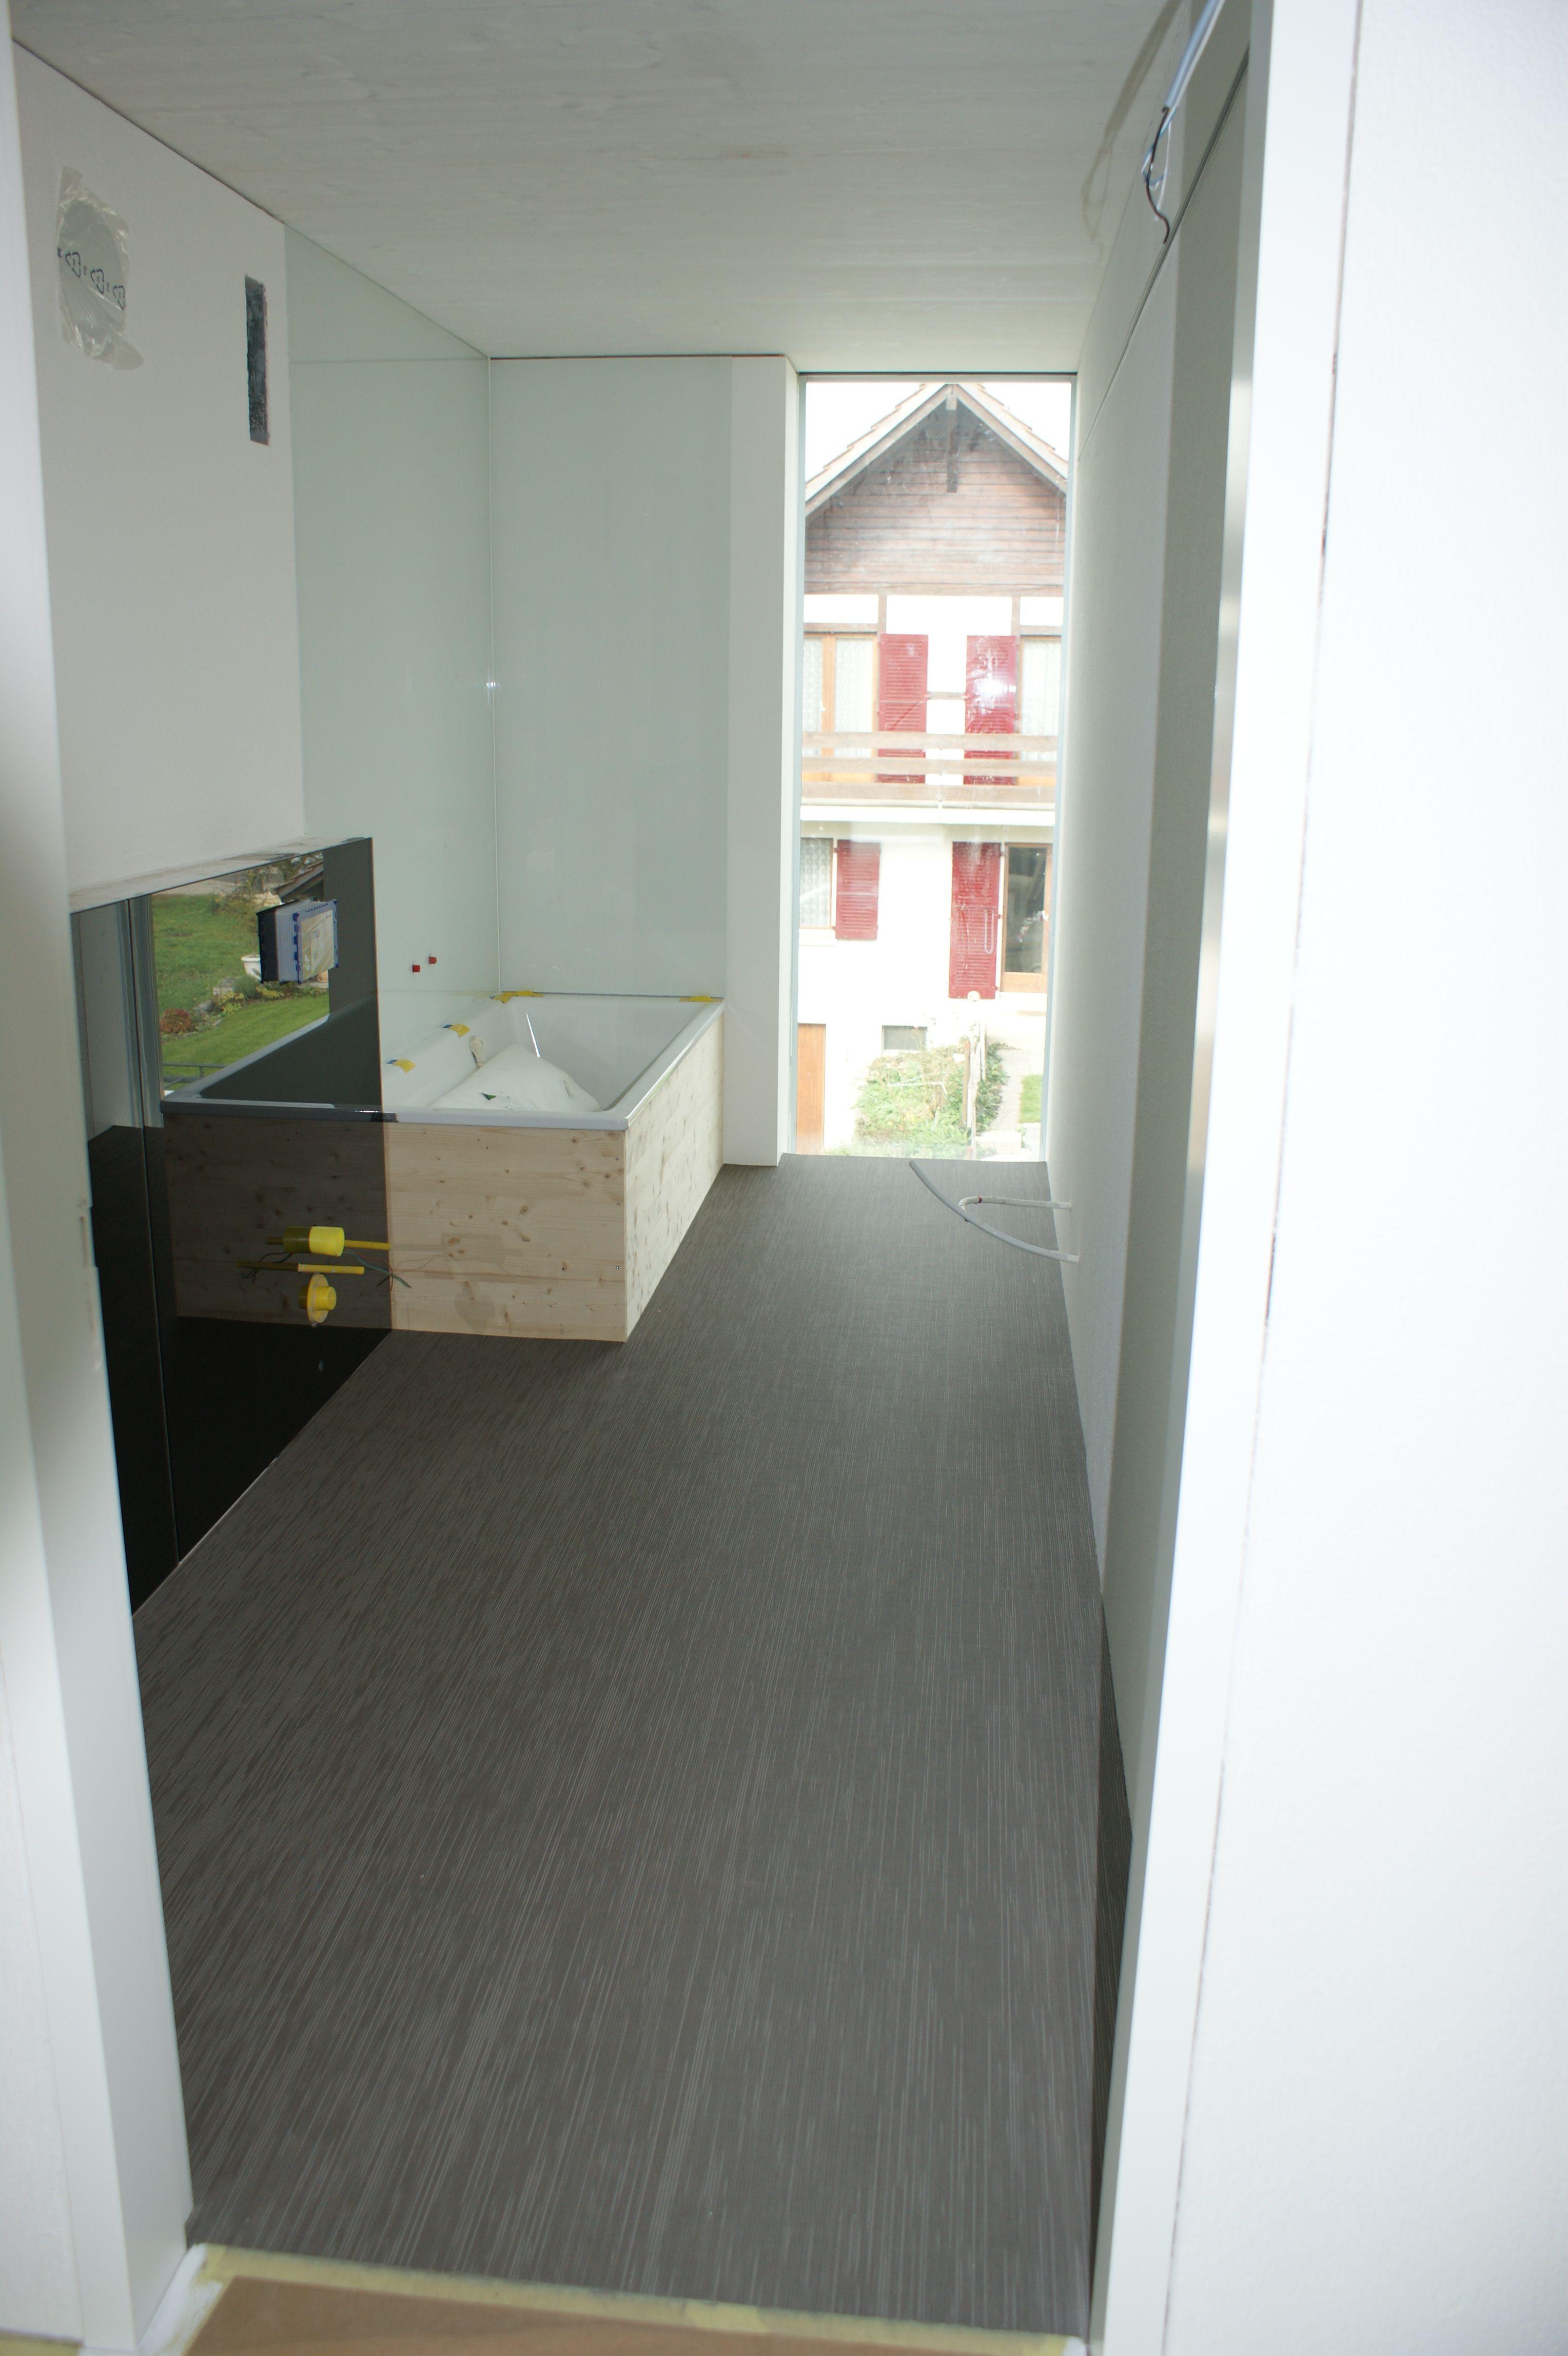 bad und k chen boden ziehen ein moosweg. Black Bedroom Furniture Sets. Home Design Ideas